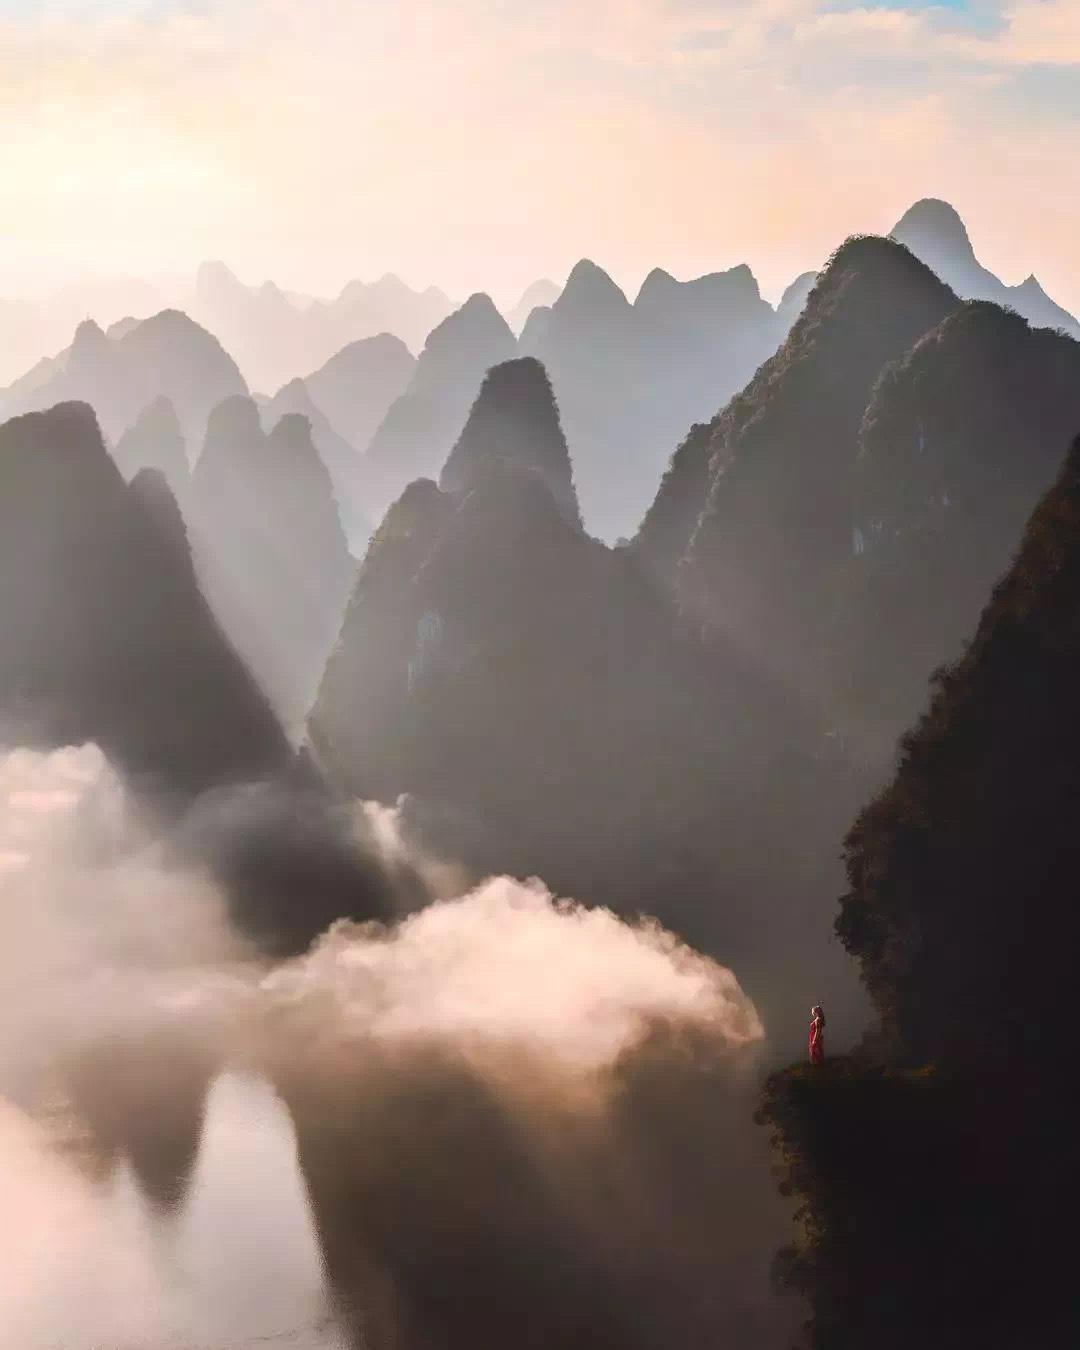 最有神韵的中国! 到处皆诗境,随时有物华……